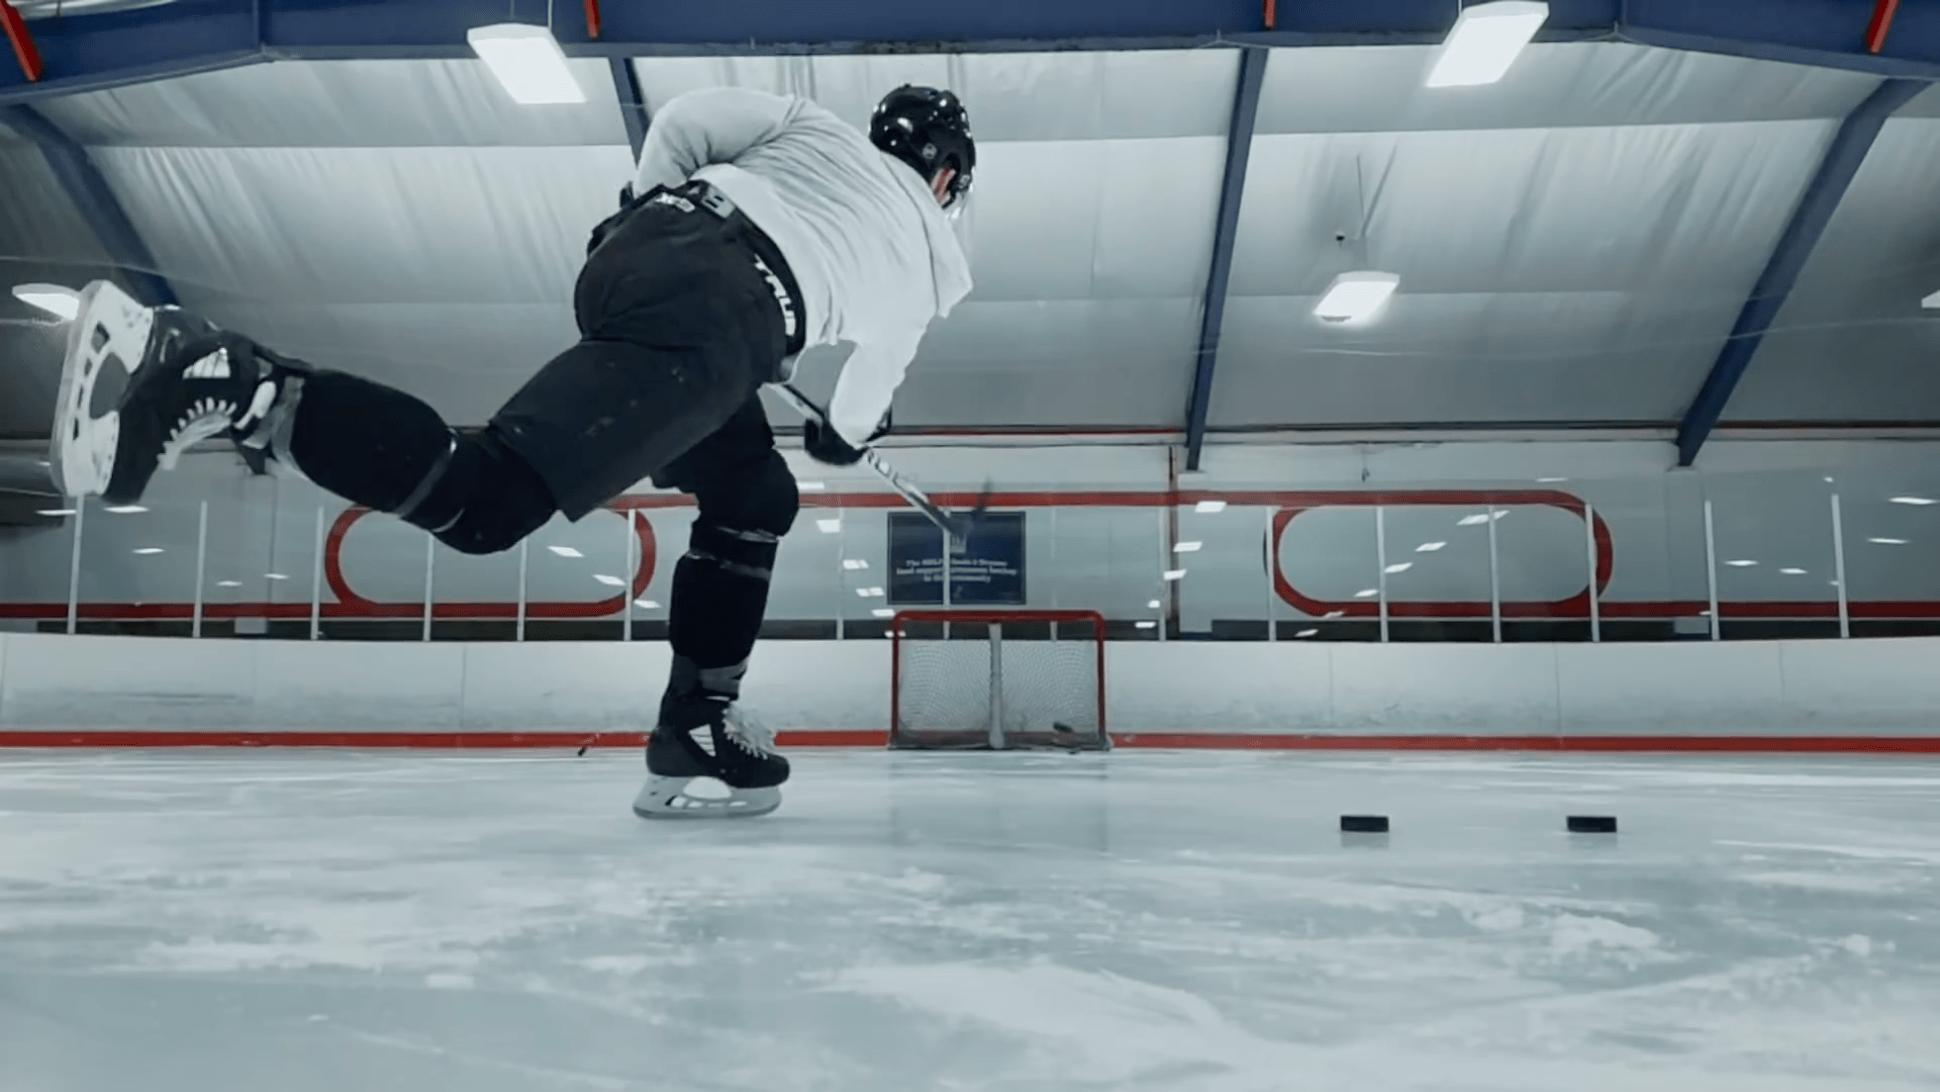 Comercial da Apple em parceria com a NHL